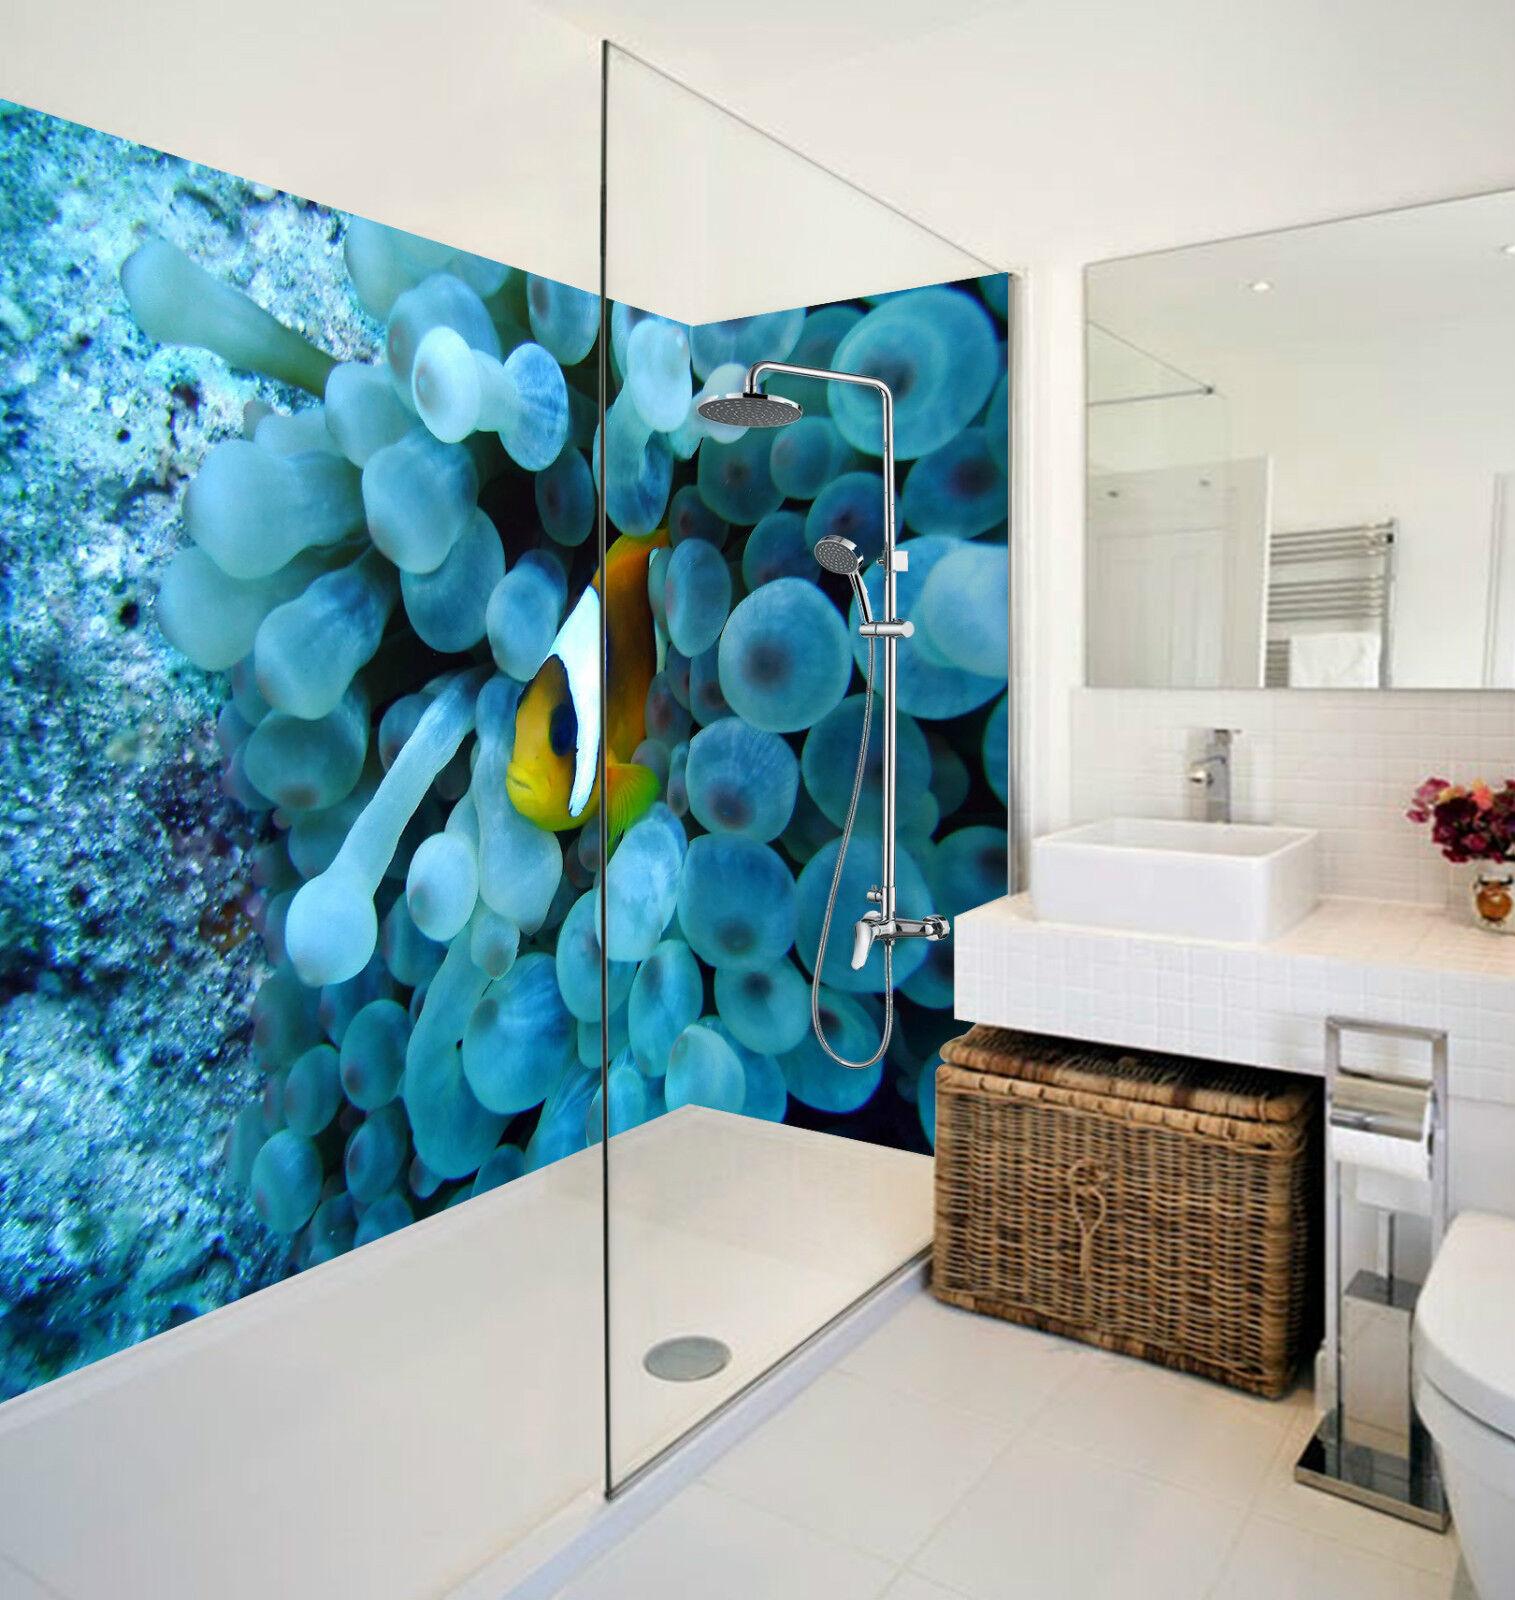 3D Seabed Hidden Fish 2 WallPaper Bathroom Print Decal Wall Deco AJ WALLPAPER CA